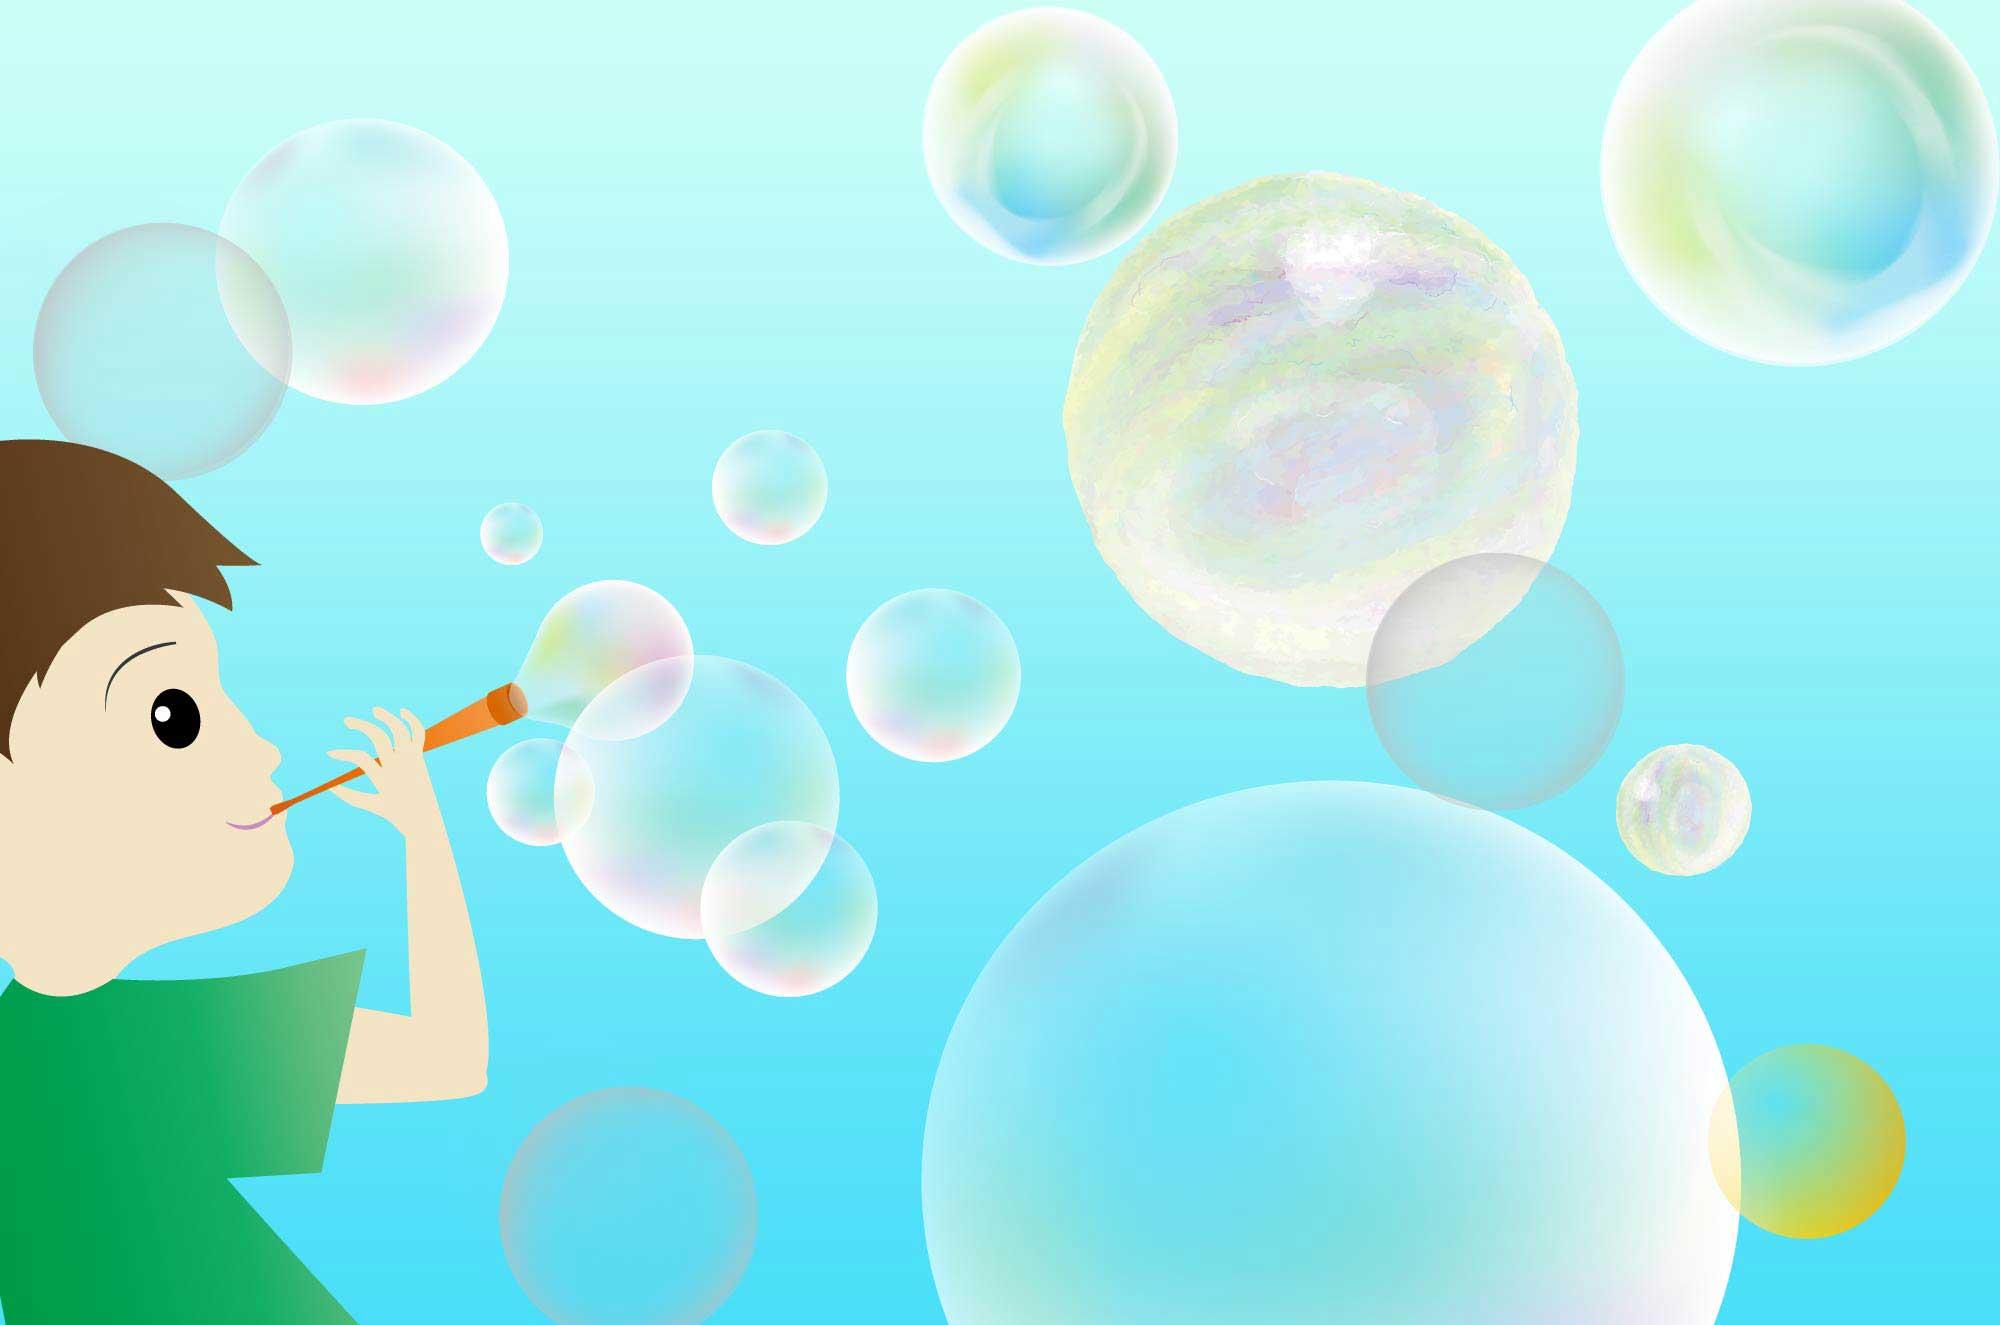 シャボン玉イラスト - ふわふわ空に浮く綺麗な無料素材 - チコデザ